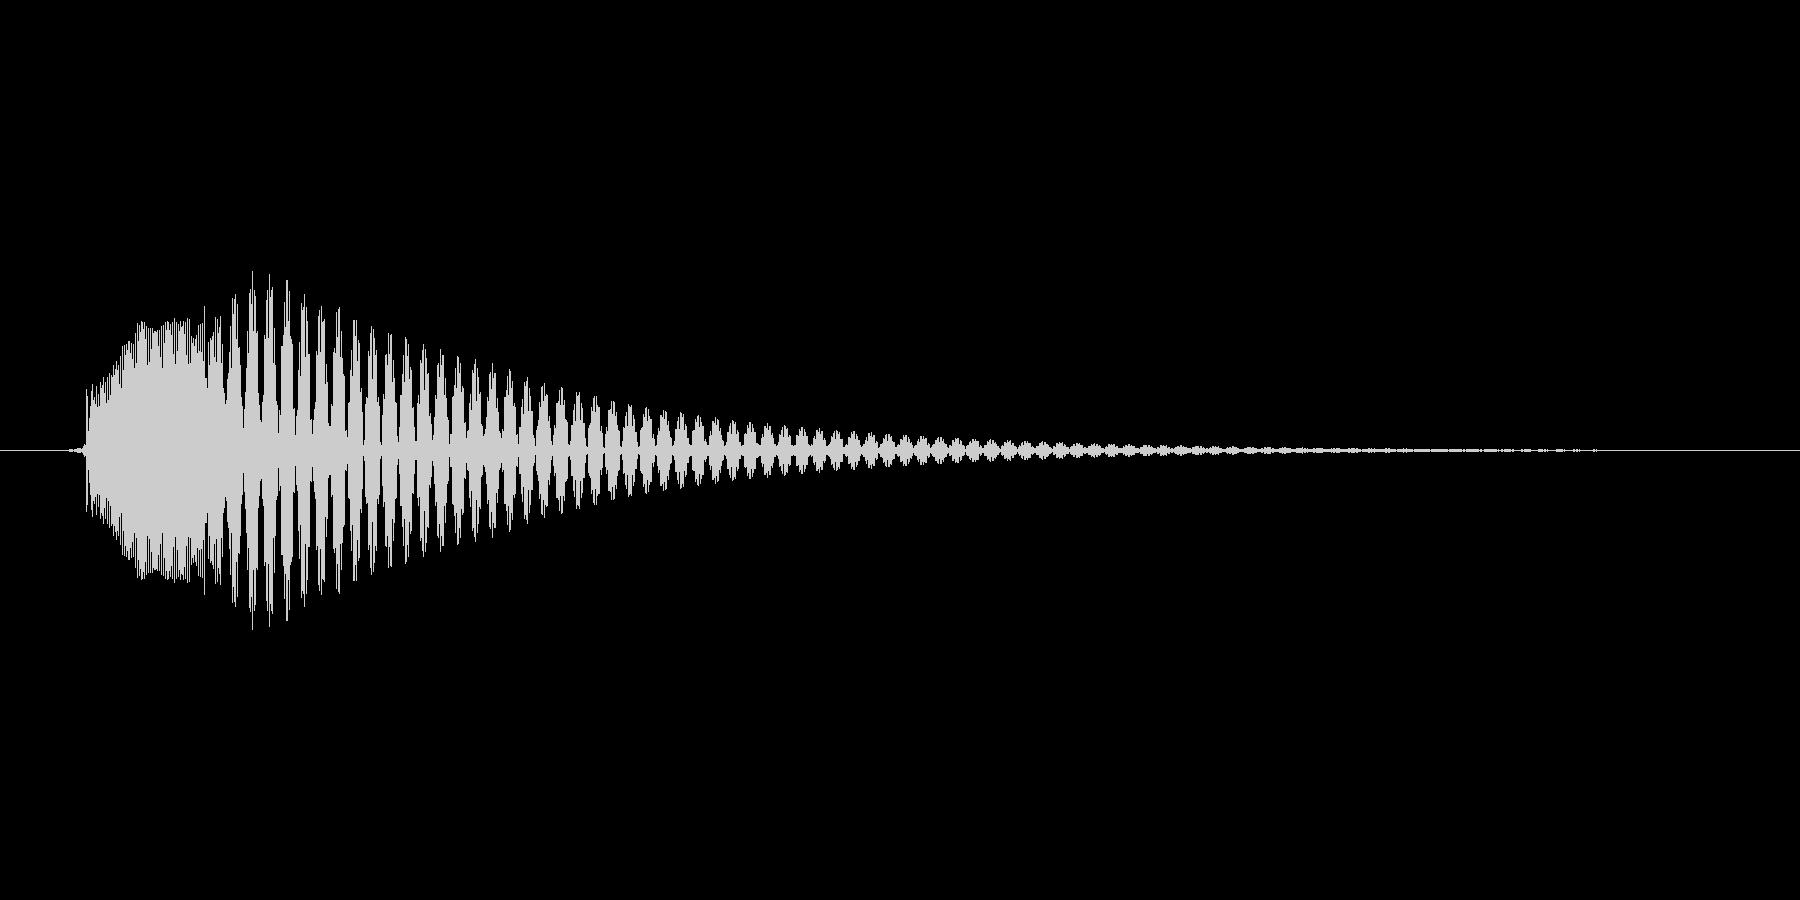 「テテンッ」スマホアプリのタッチ音想定。の未再生の波形